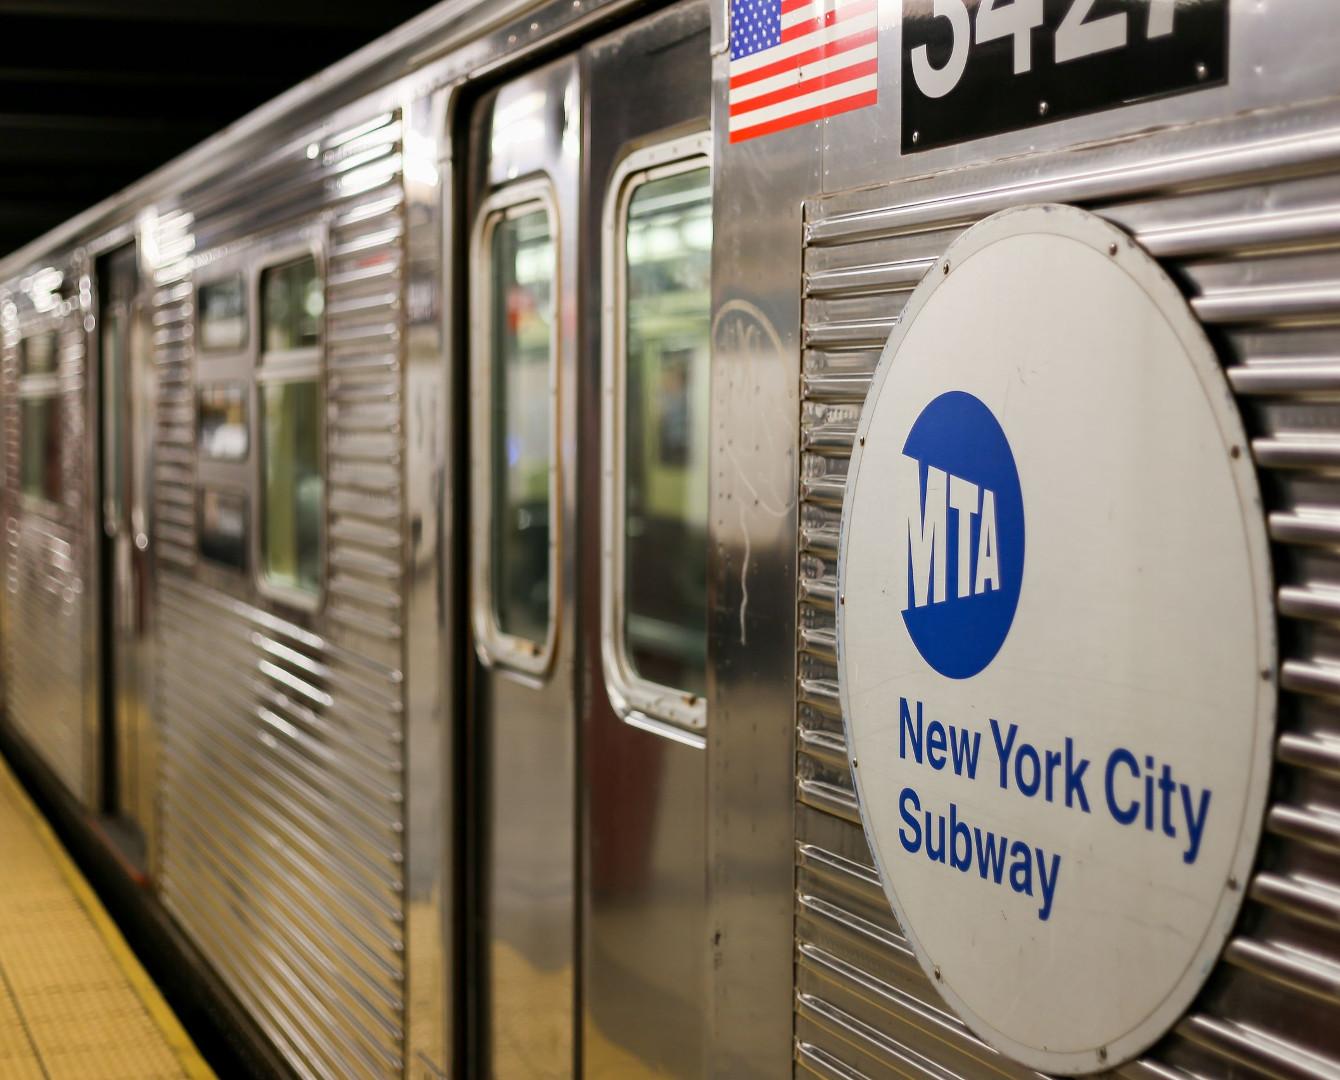 Казахстанке вернули $10 тысяч, которые она потеряла в метро Нью-Йорка